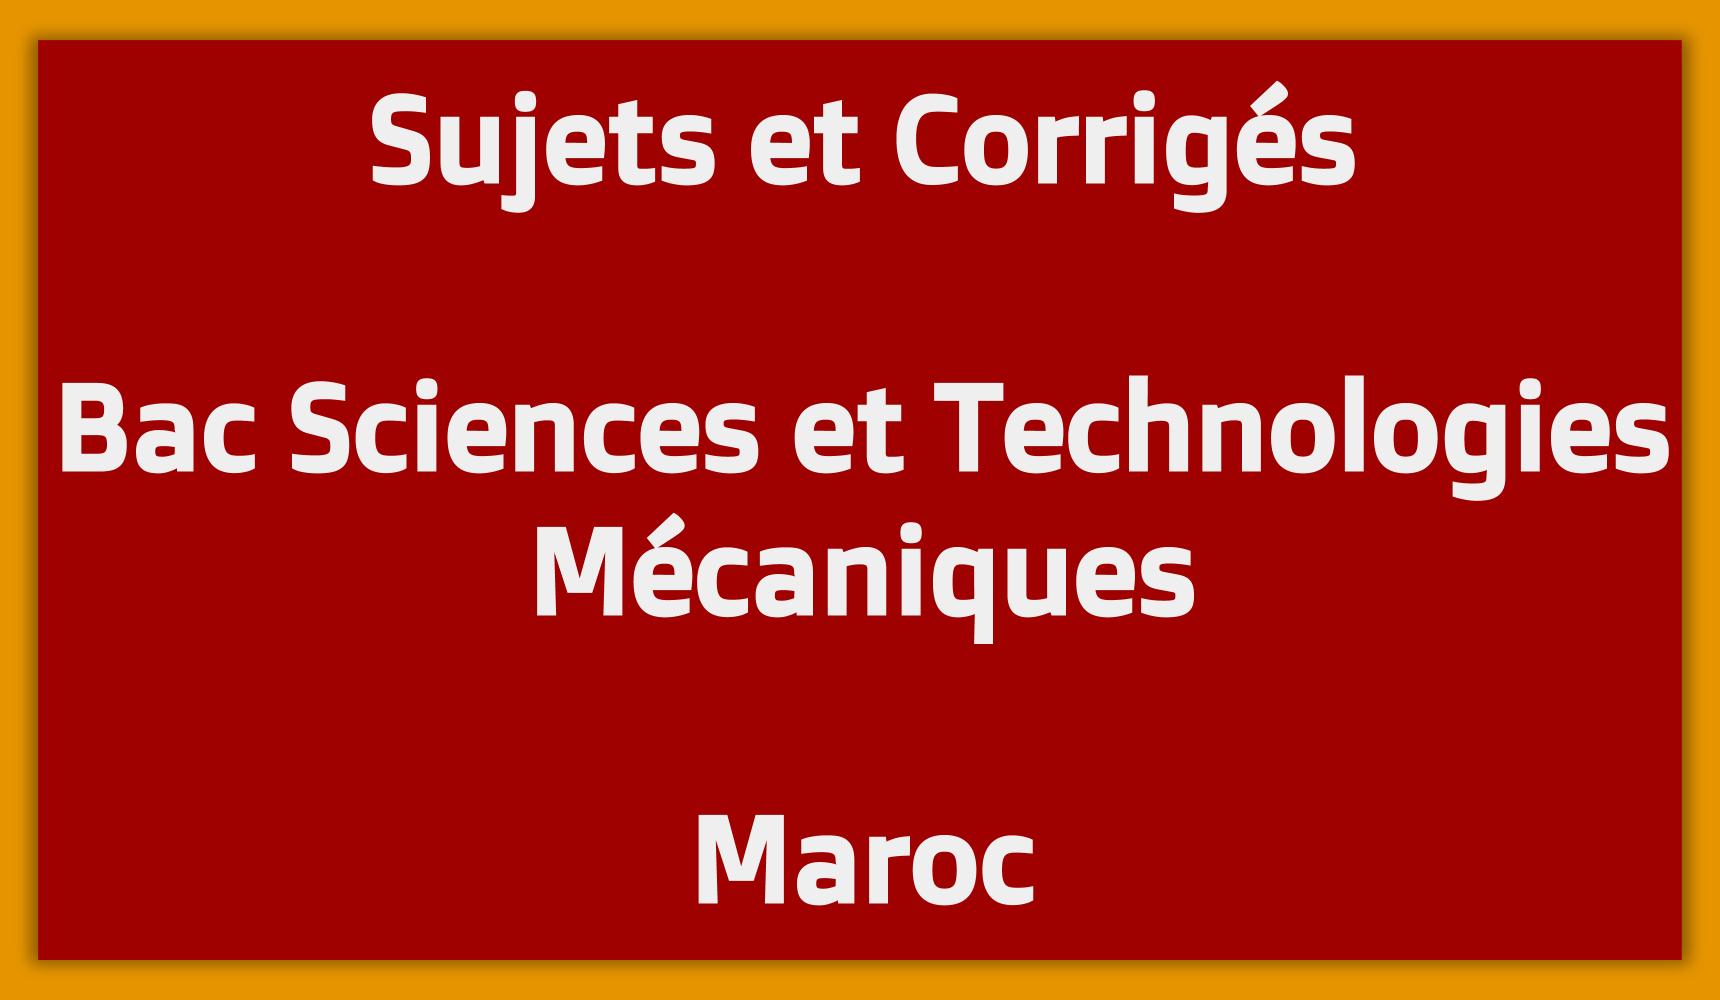 Sujets Corrigés Bac Sciences et Technologies Mécaniques Maroc